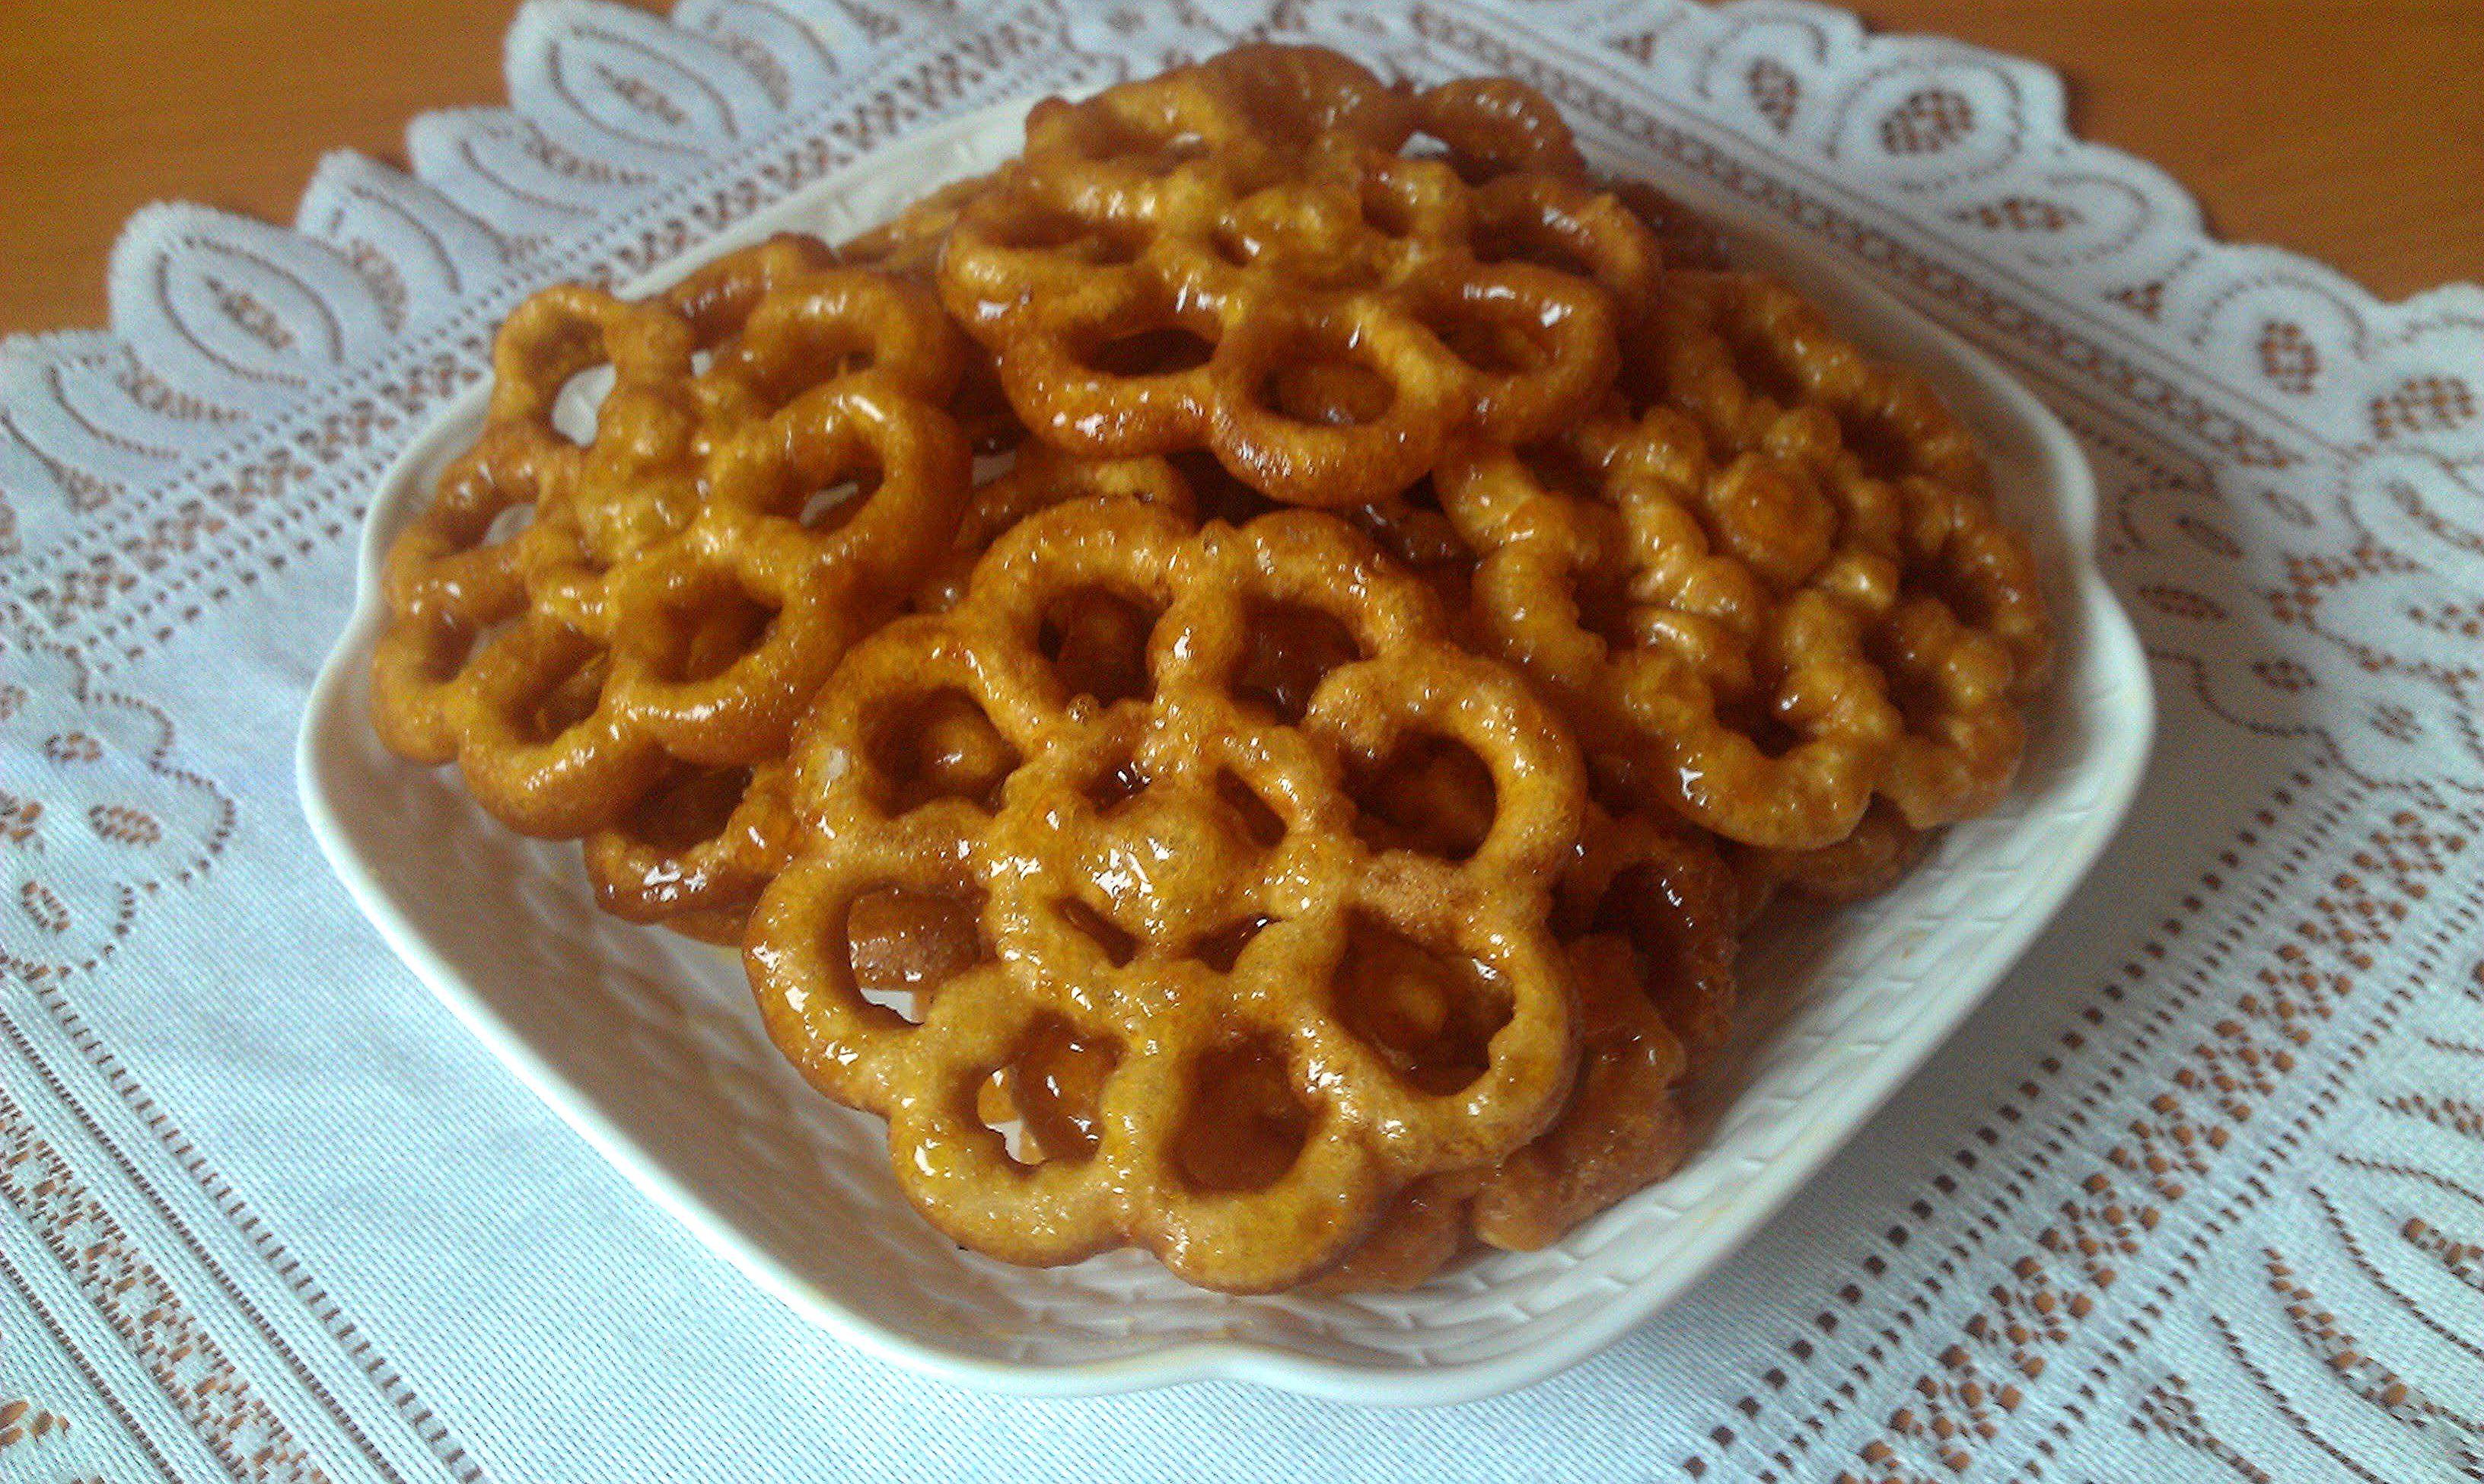 حلوى الوردة بالمرشم المقلية في الزيت تشبه الشباكية Halwat Lwarda Au Miel Arabic Dessert Chef Recipes Food